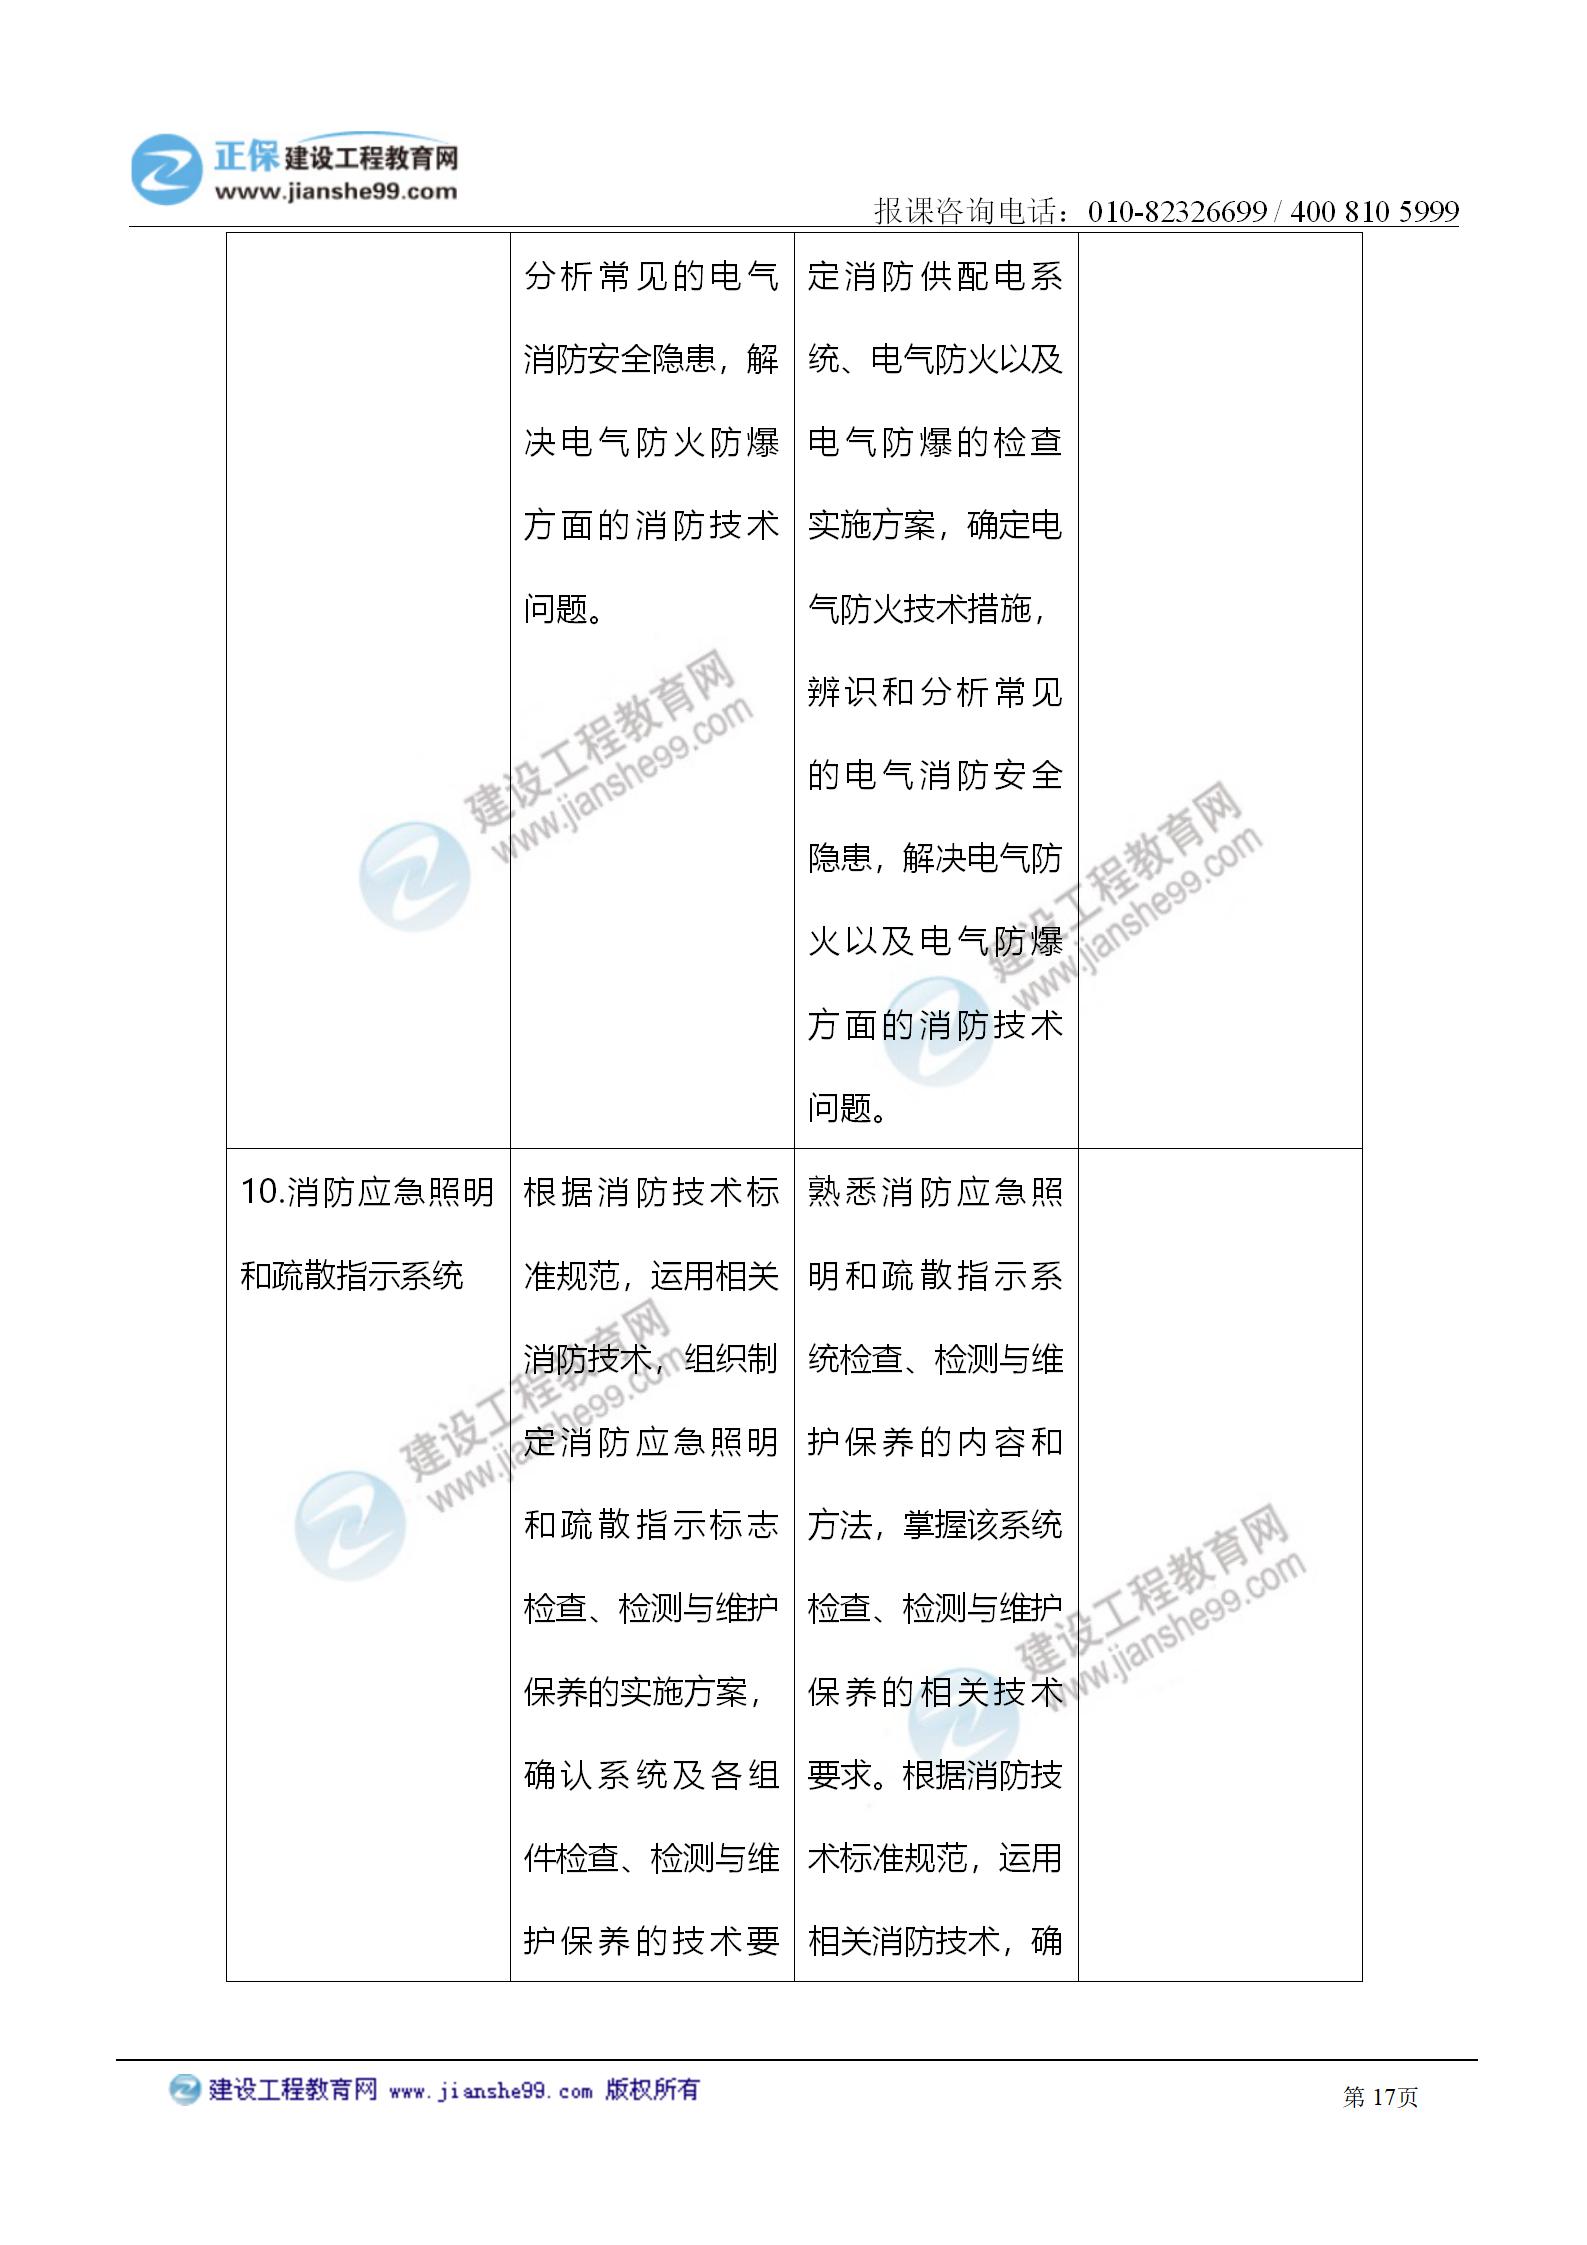 2021注册消防工程师《综合能力》考试大纲变化情况_17